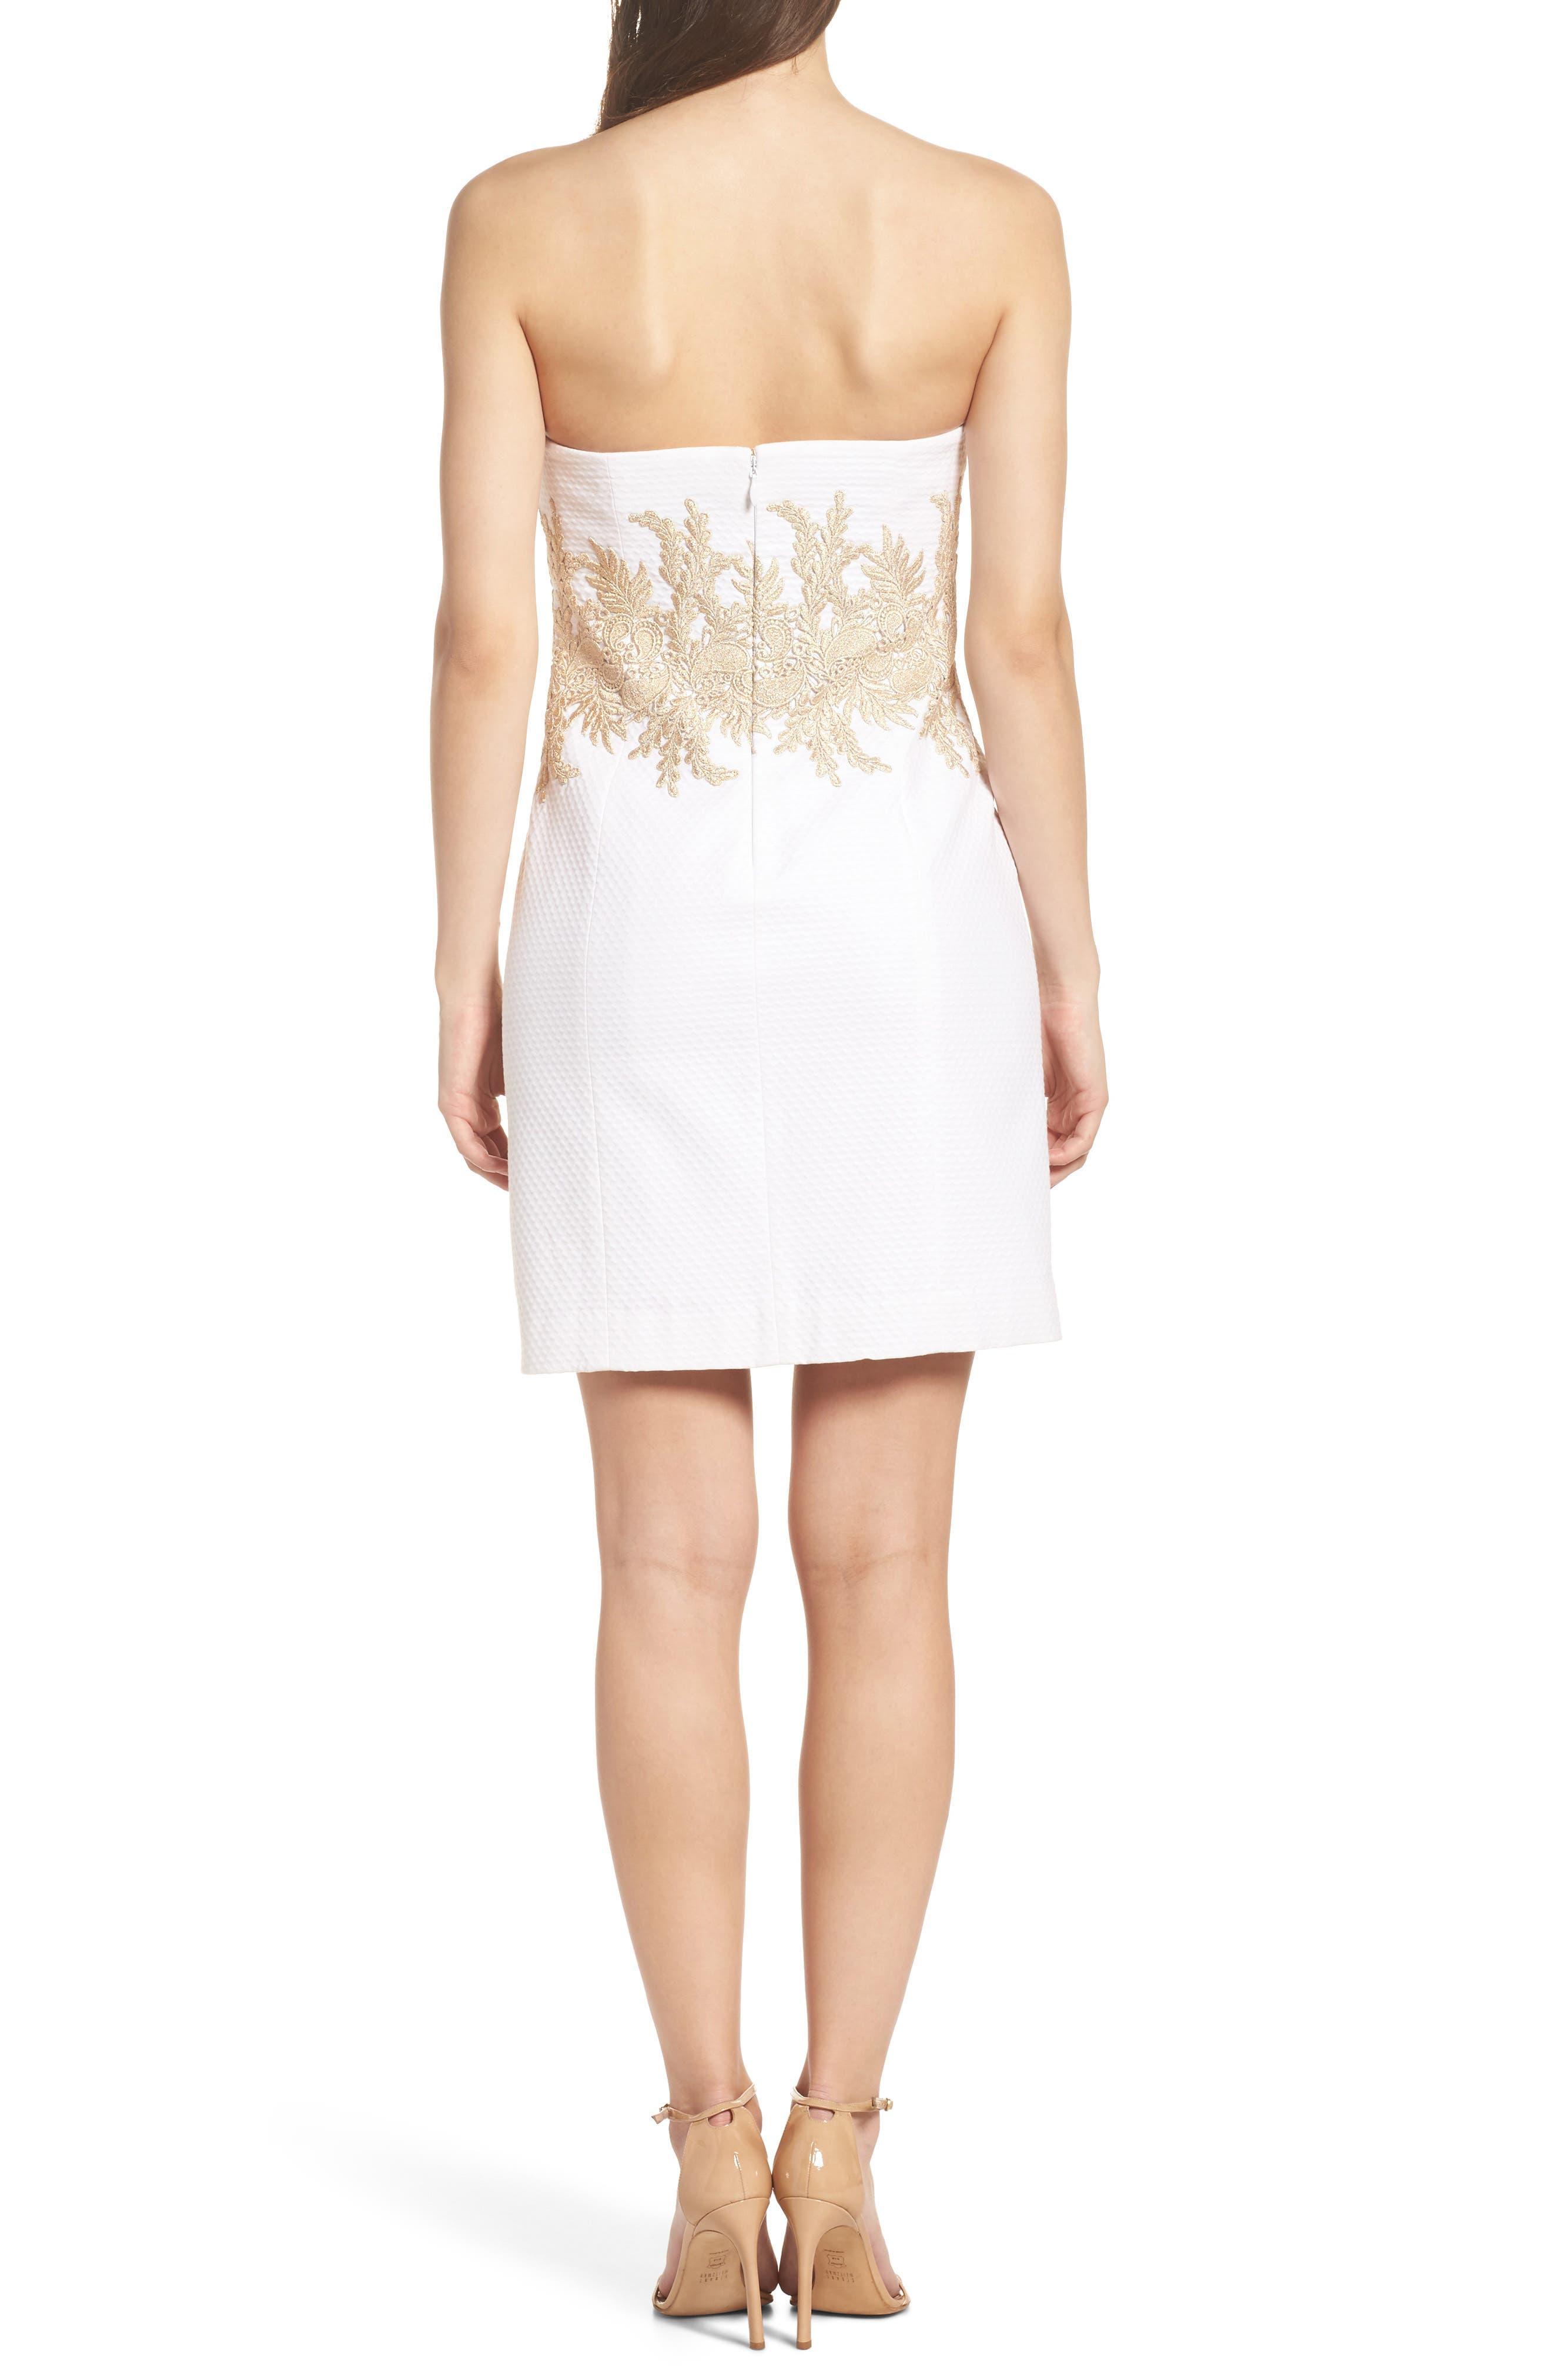 Kade Strapless Dress,                             Alternate thumbnail 2, color,                             Resort White